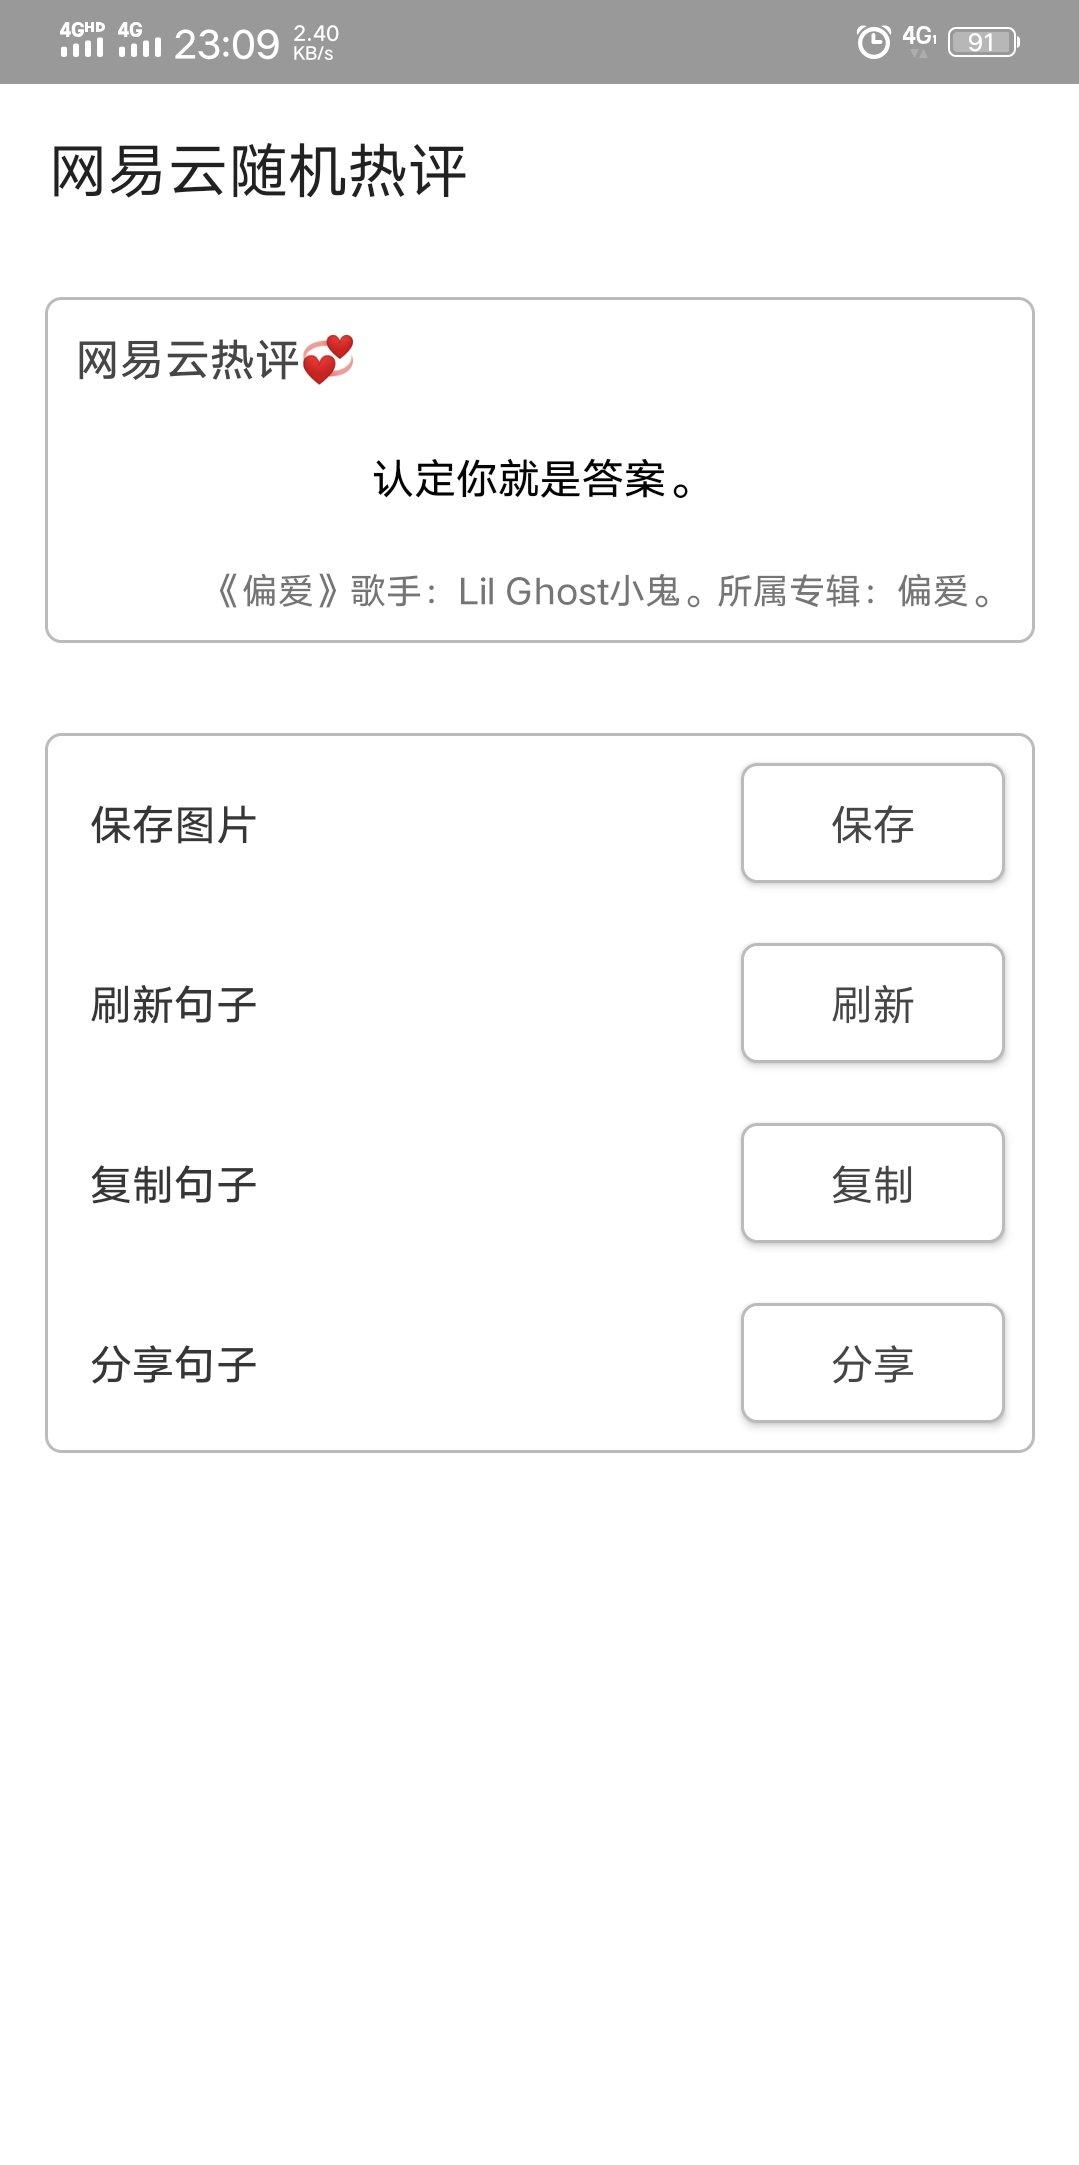 安卓网易云随机热评1.0